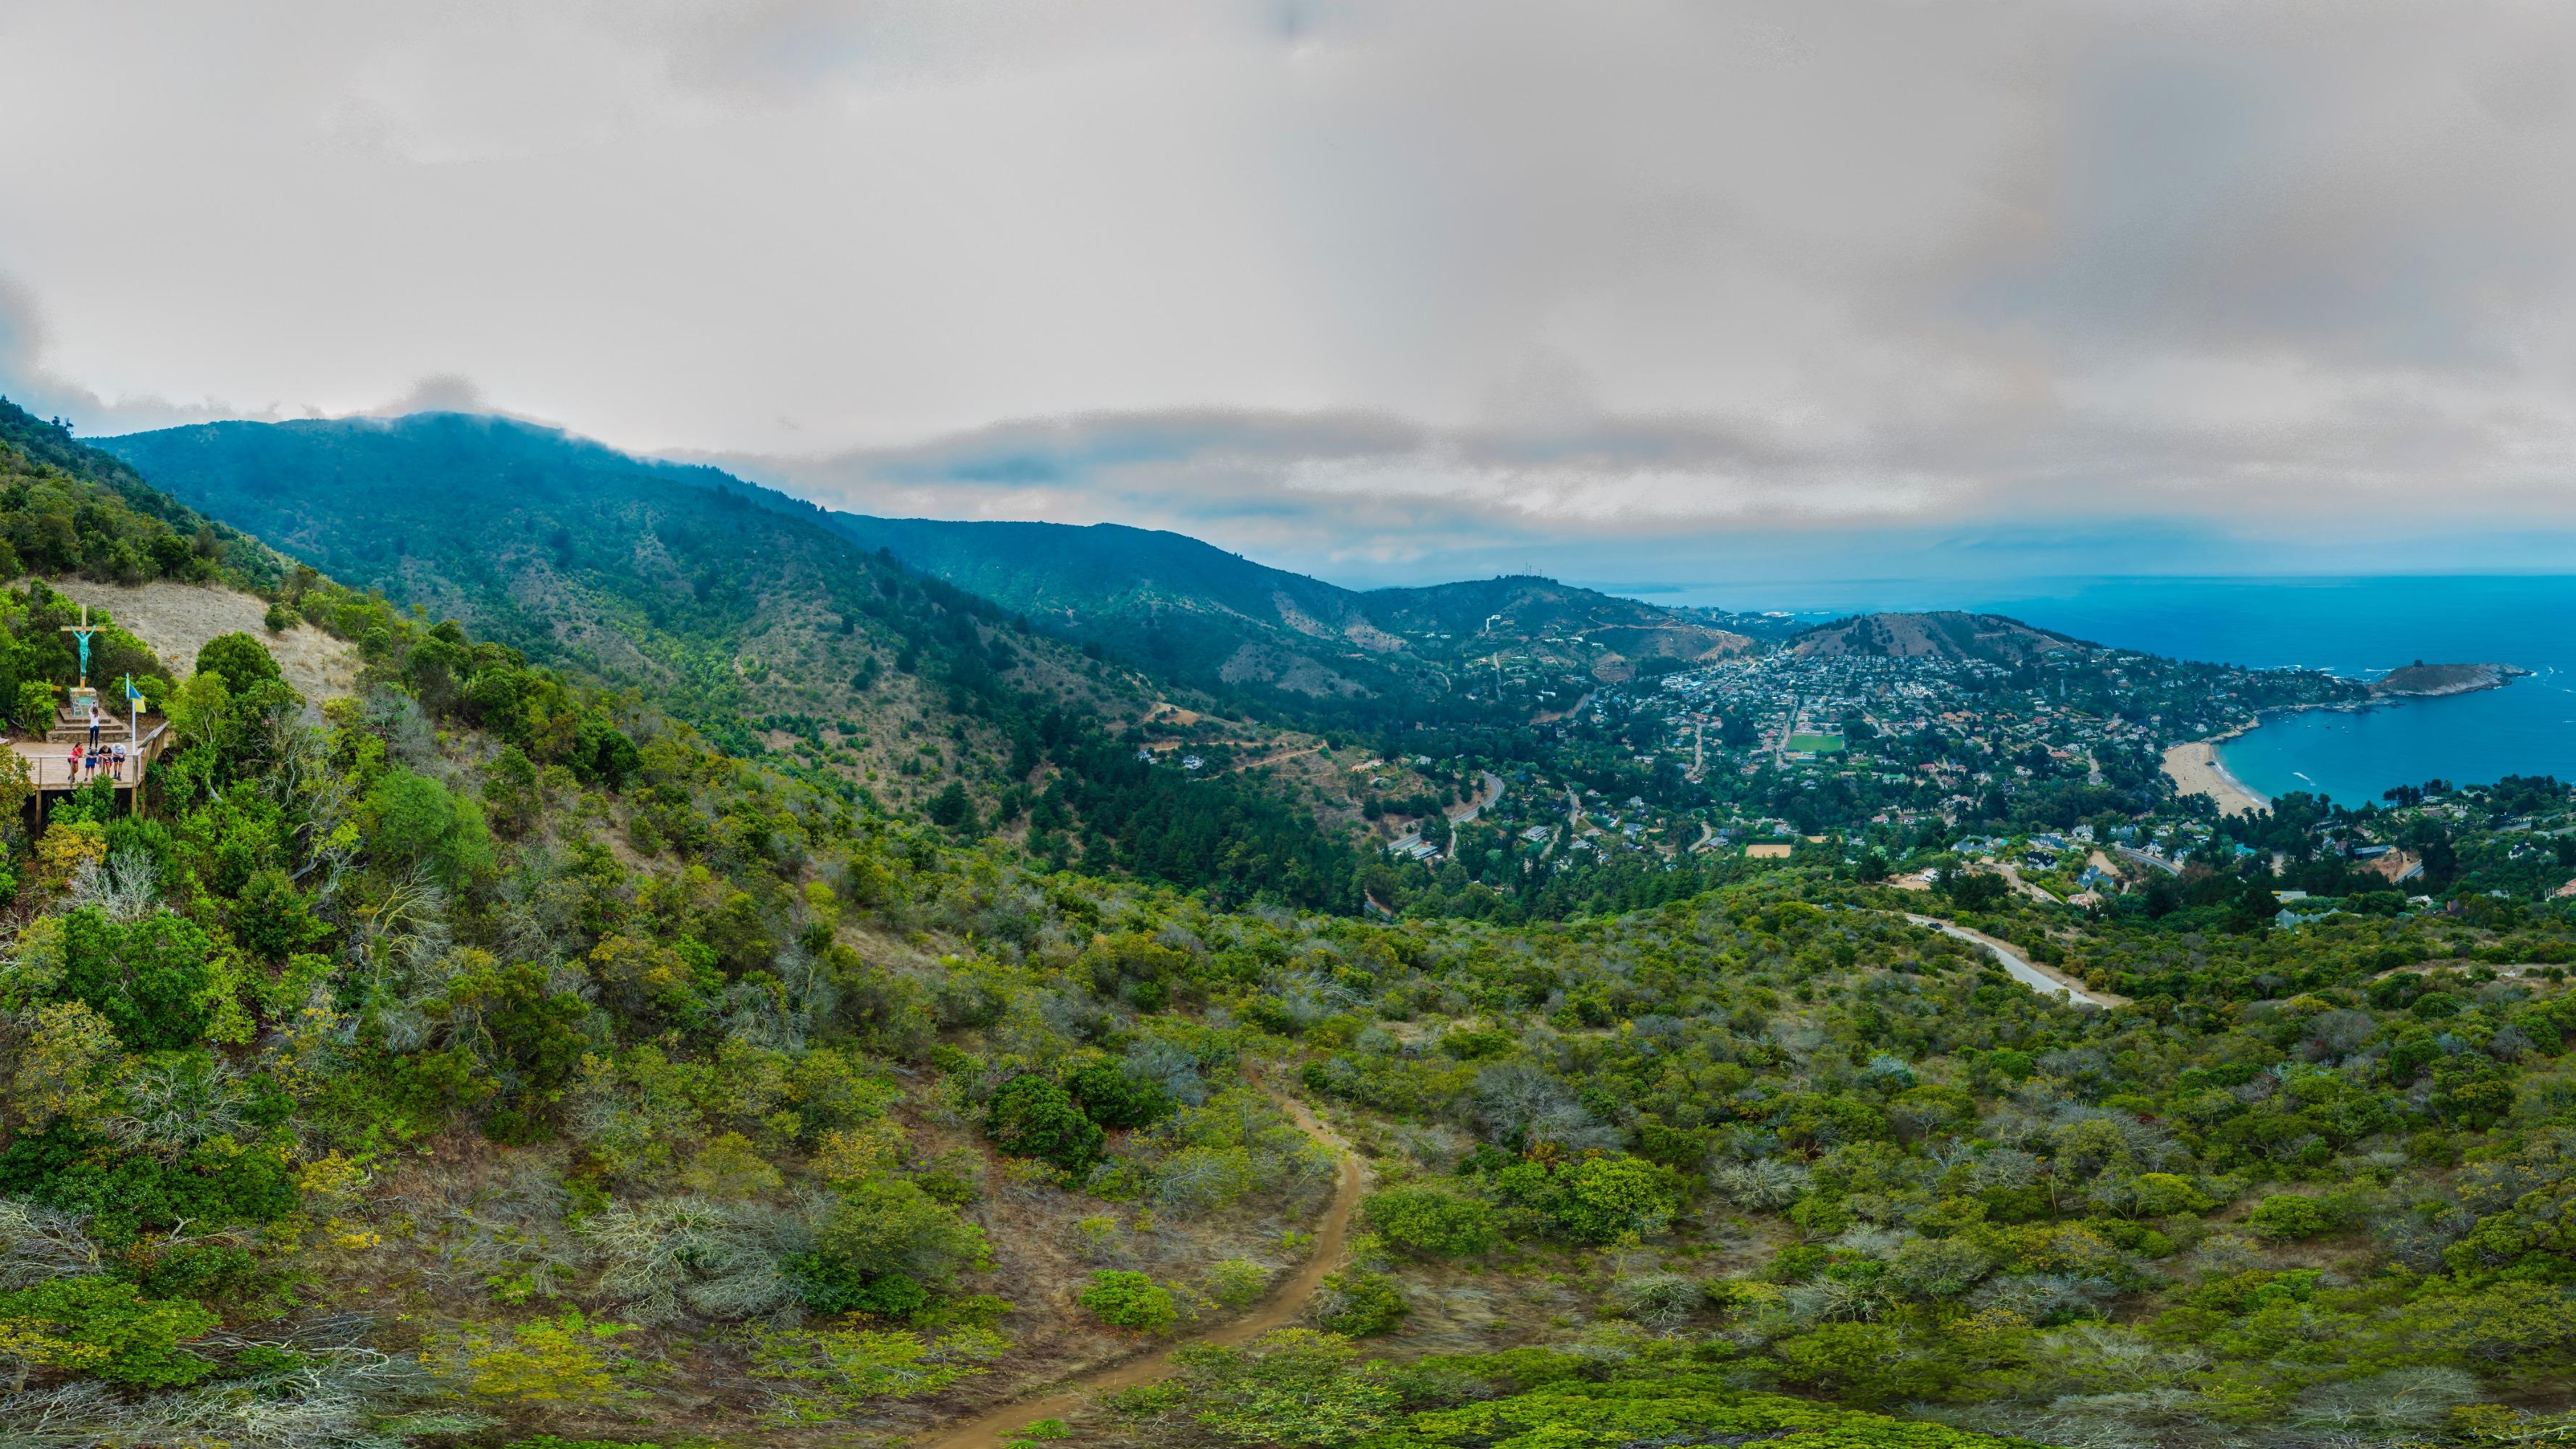 Pano Cruz Parque El Boldo